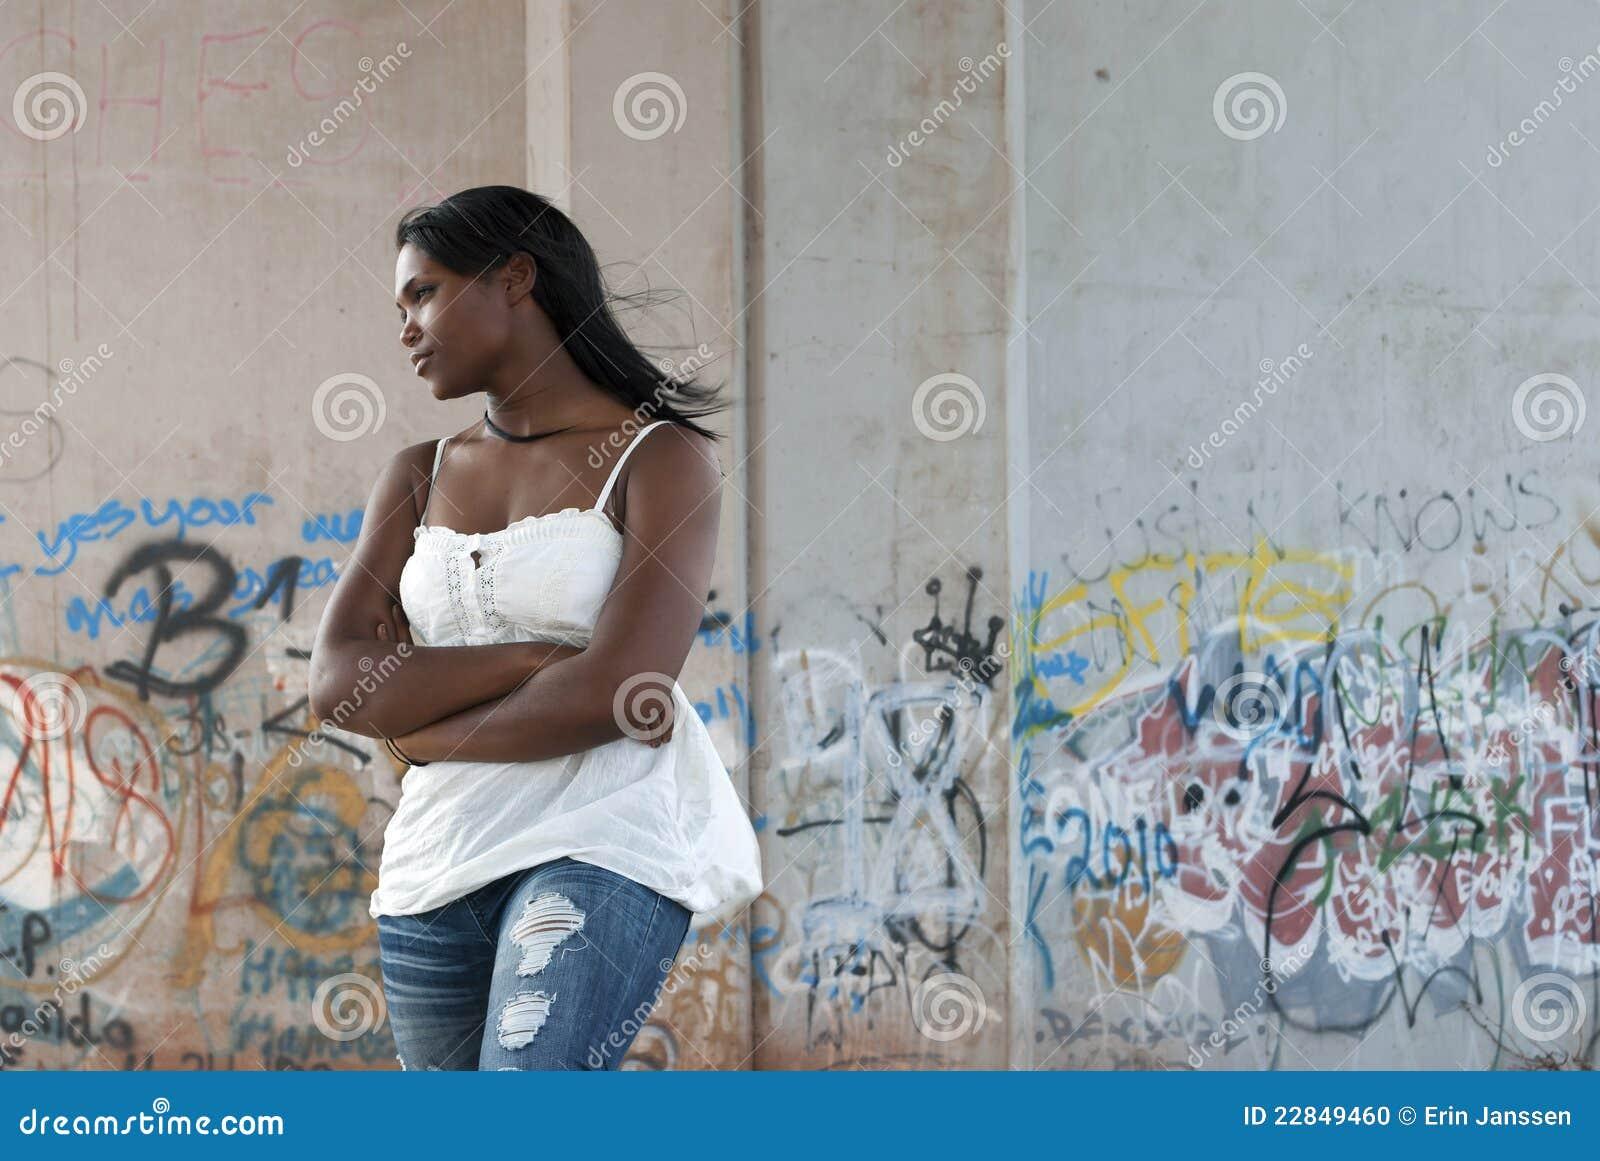 Tankekvinna